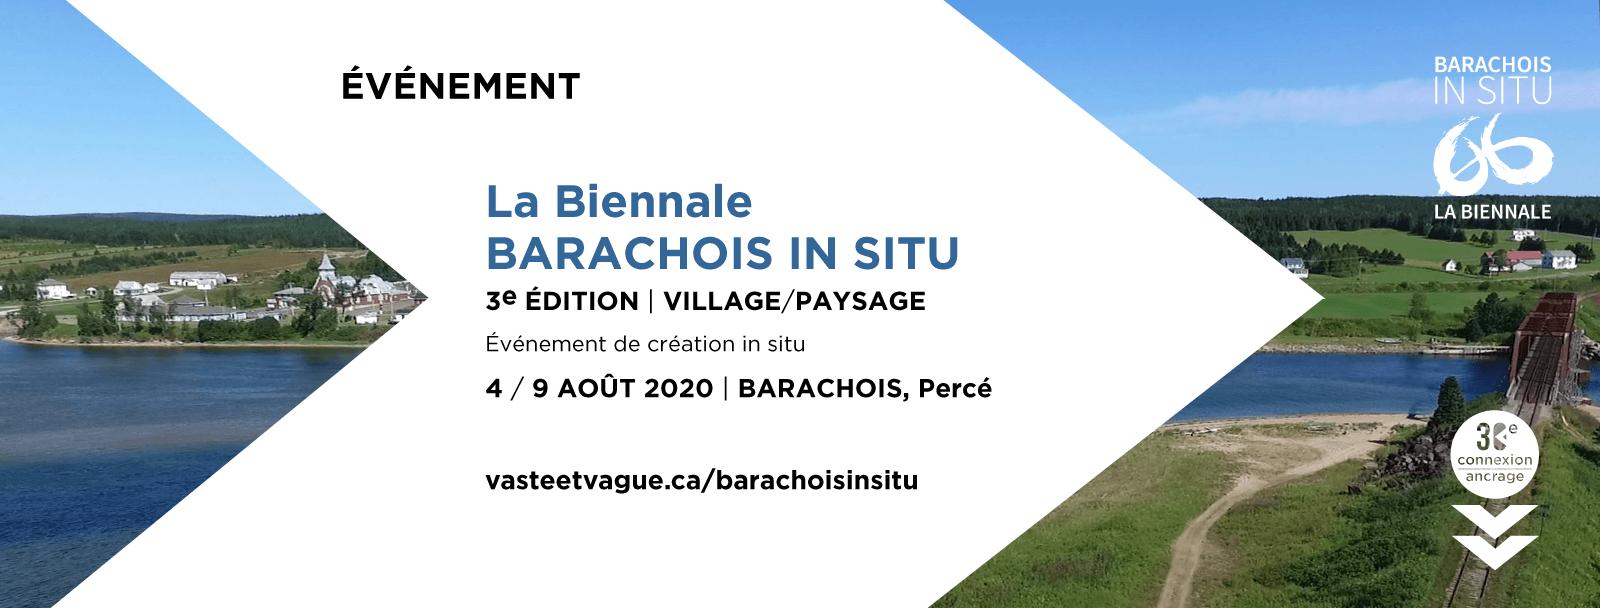 LA BIENNALE BARACHOIS IN SITU | 3e ÉDITION | VILLAGE/PAYSAGE Évènement de création in situ | 4 au 9 août 2020